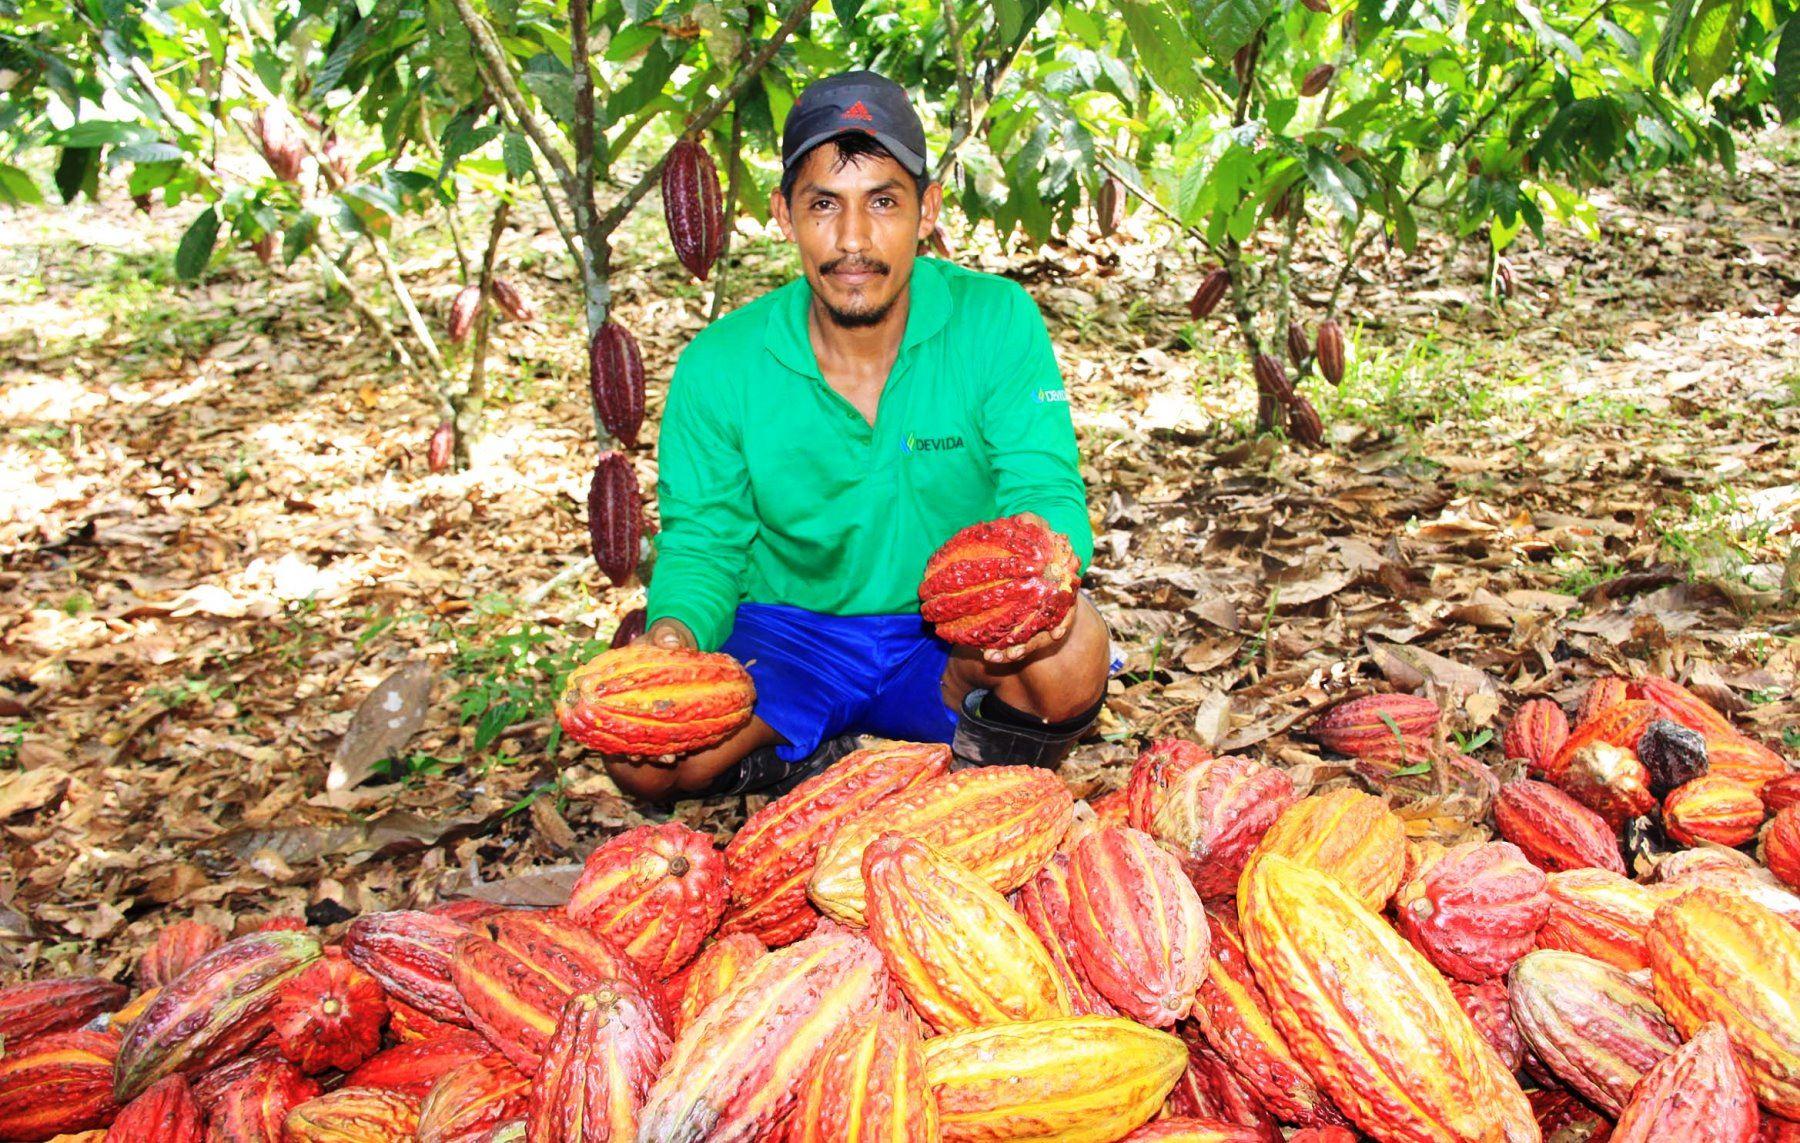 Producción nacional de cacao habría alcanzado alrededor de 90 mil toneladas el 2016